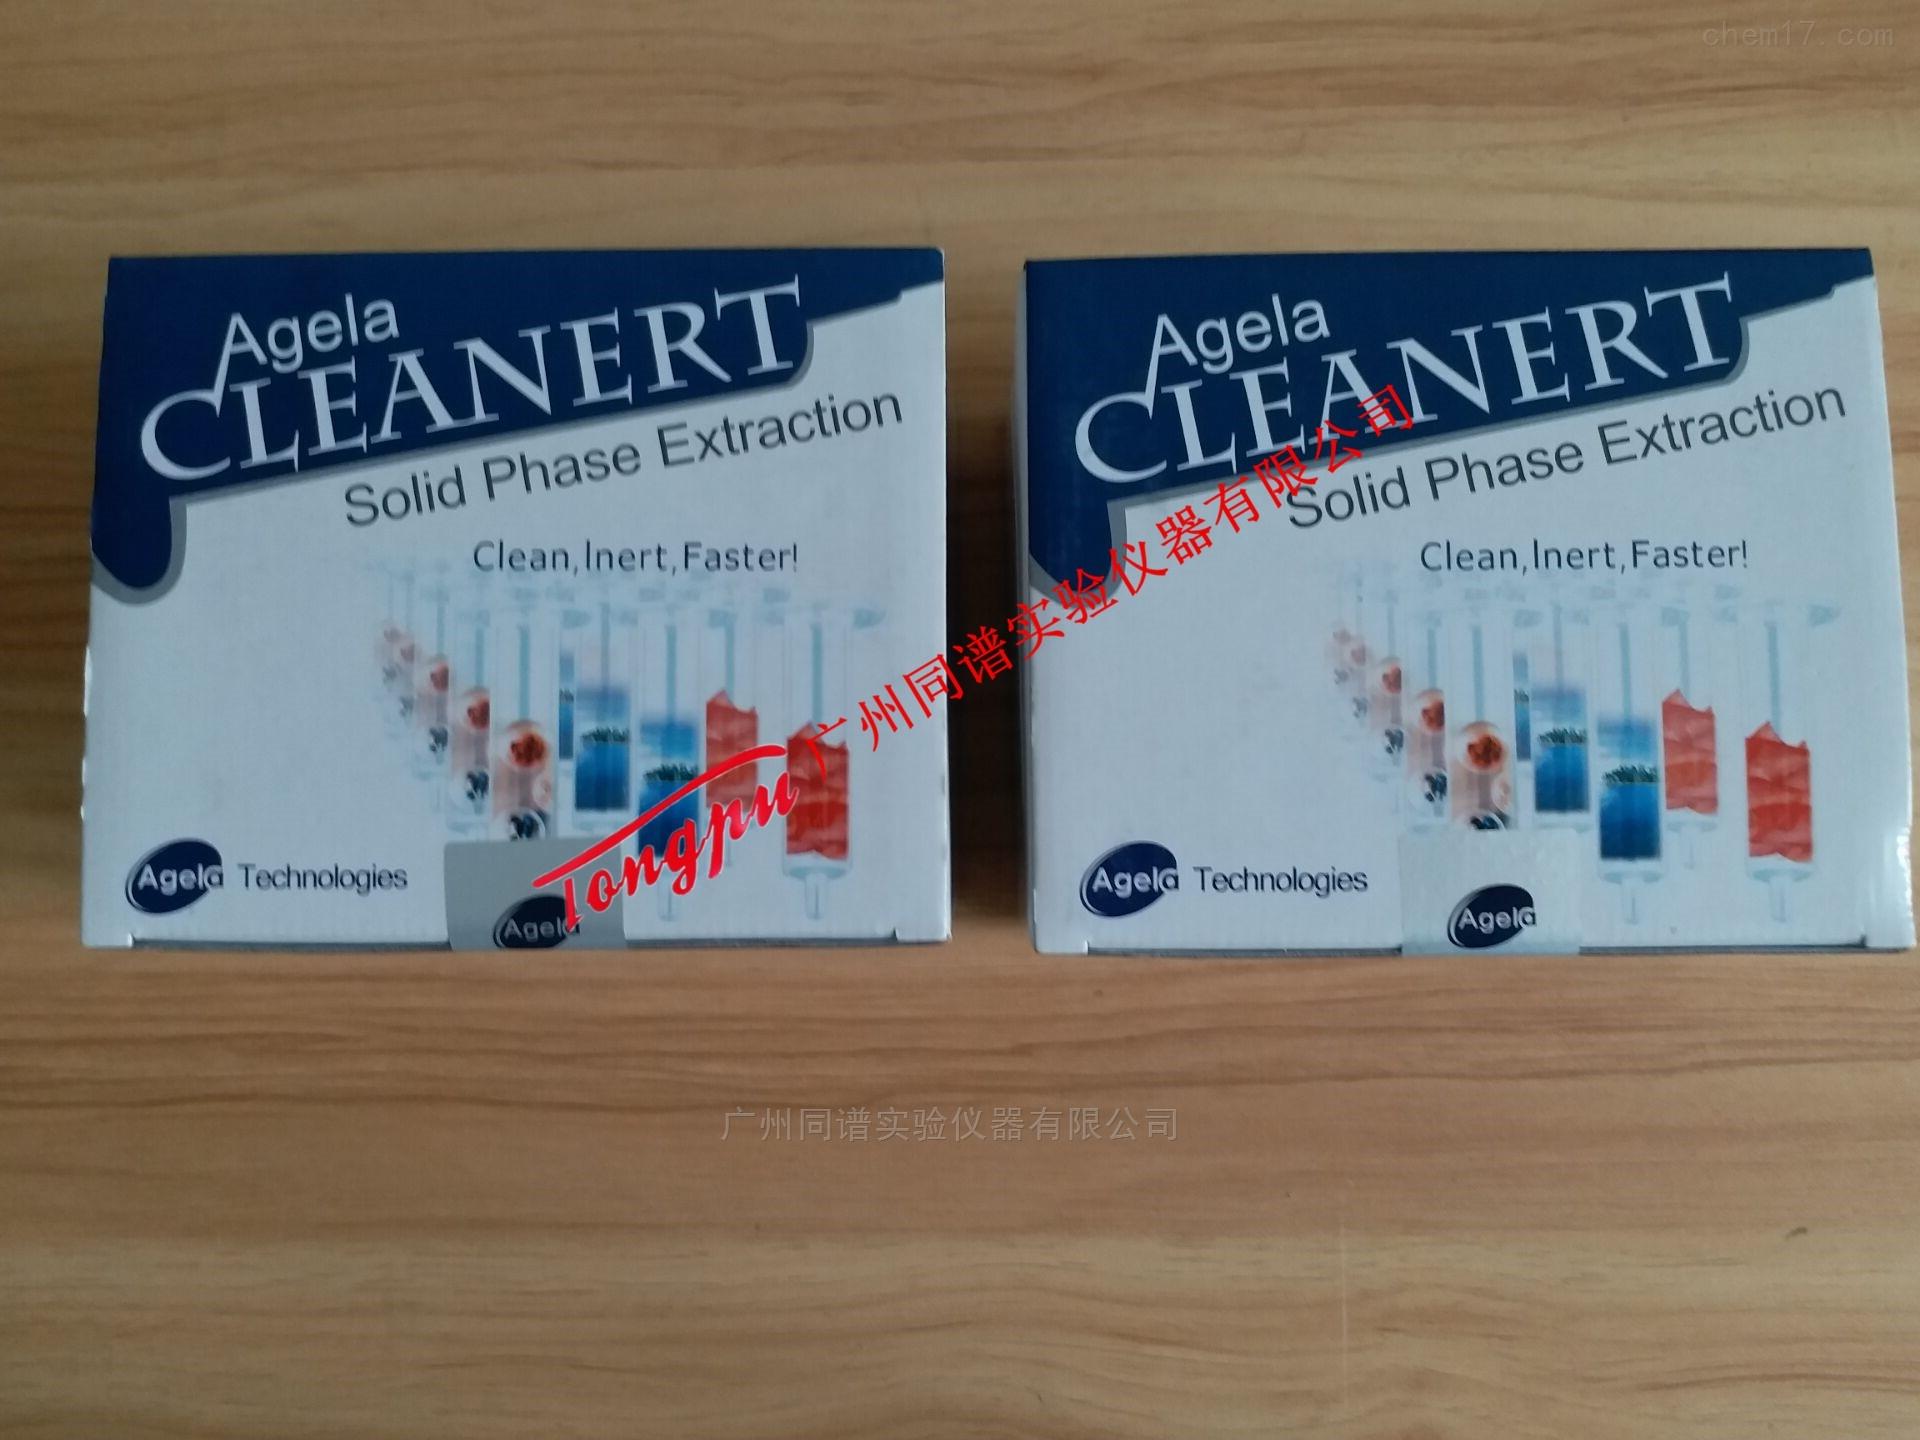 艾杰尔Cleanert PSA固相萃取柱PA5006